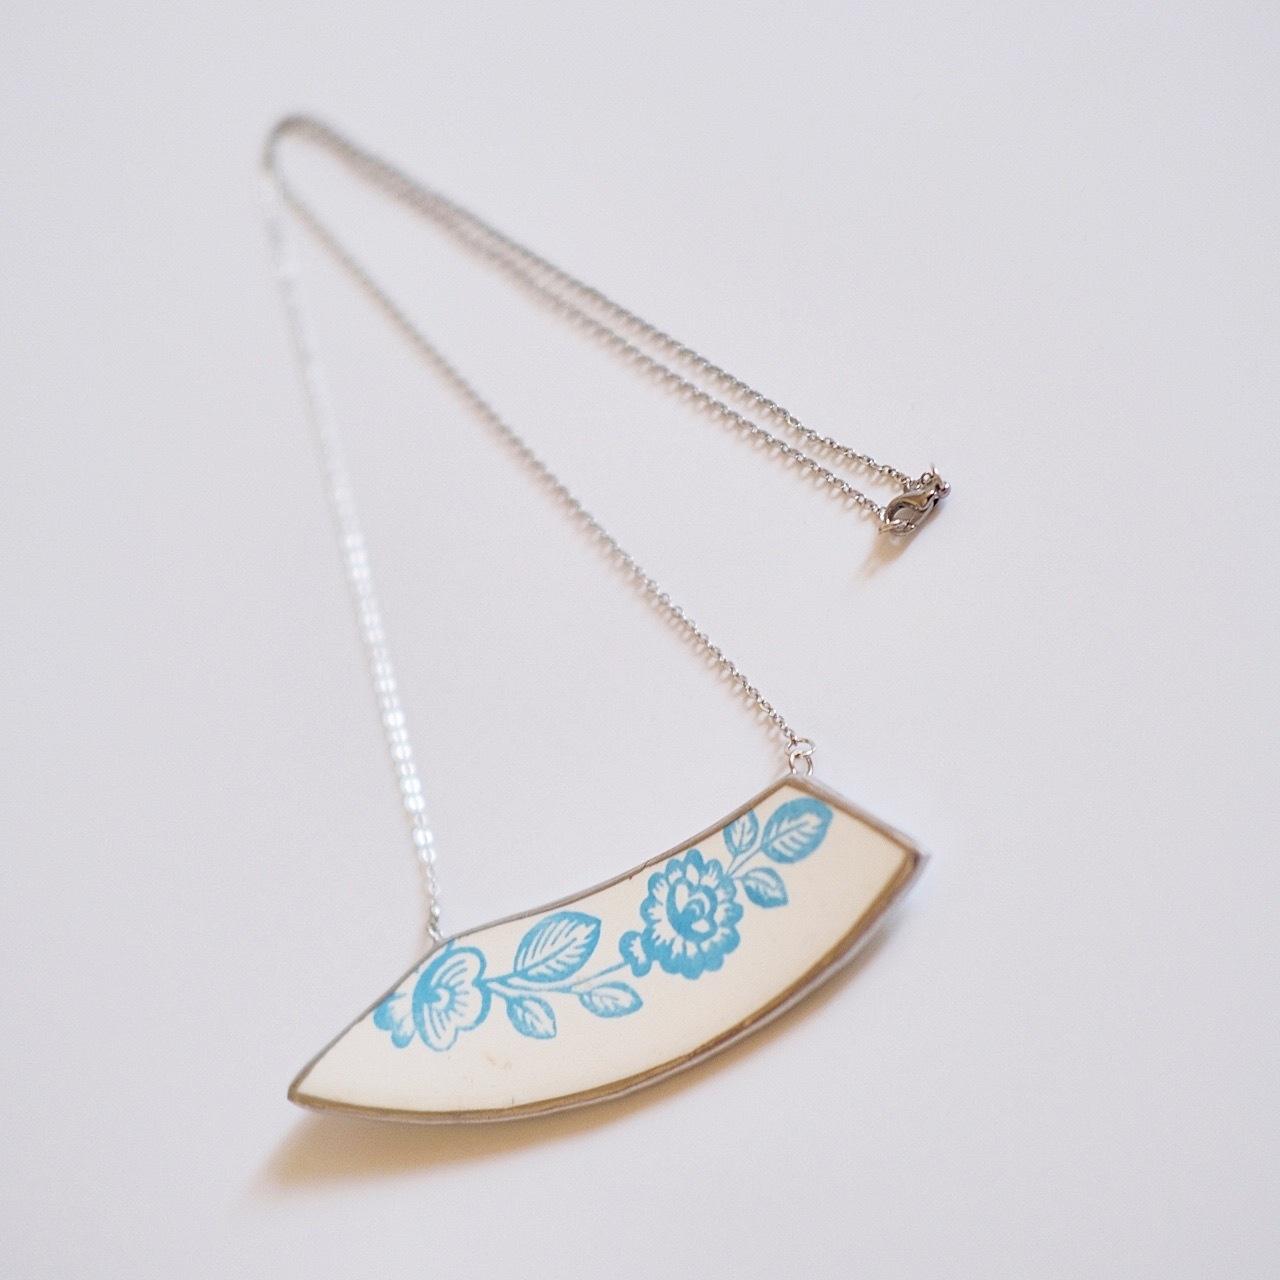 Broken Plate Necklace